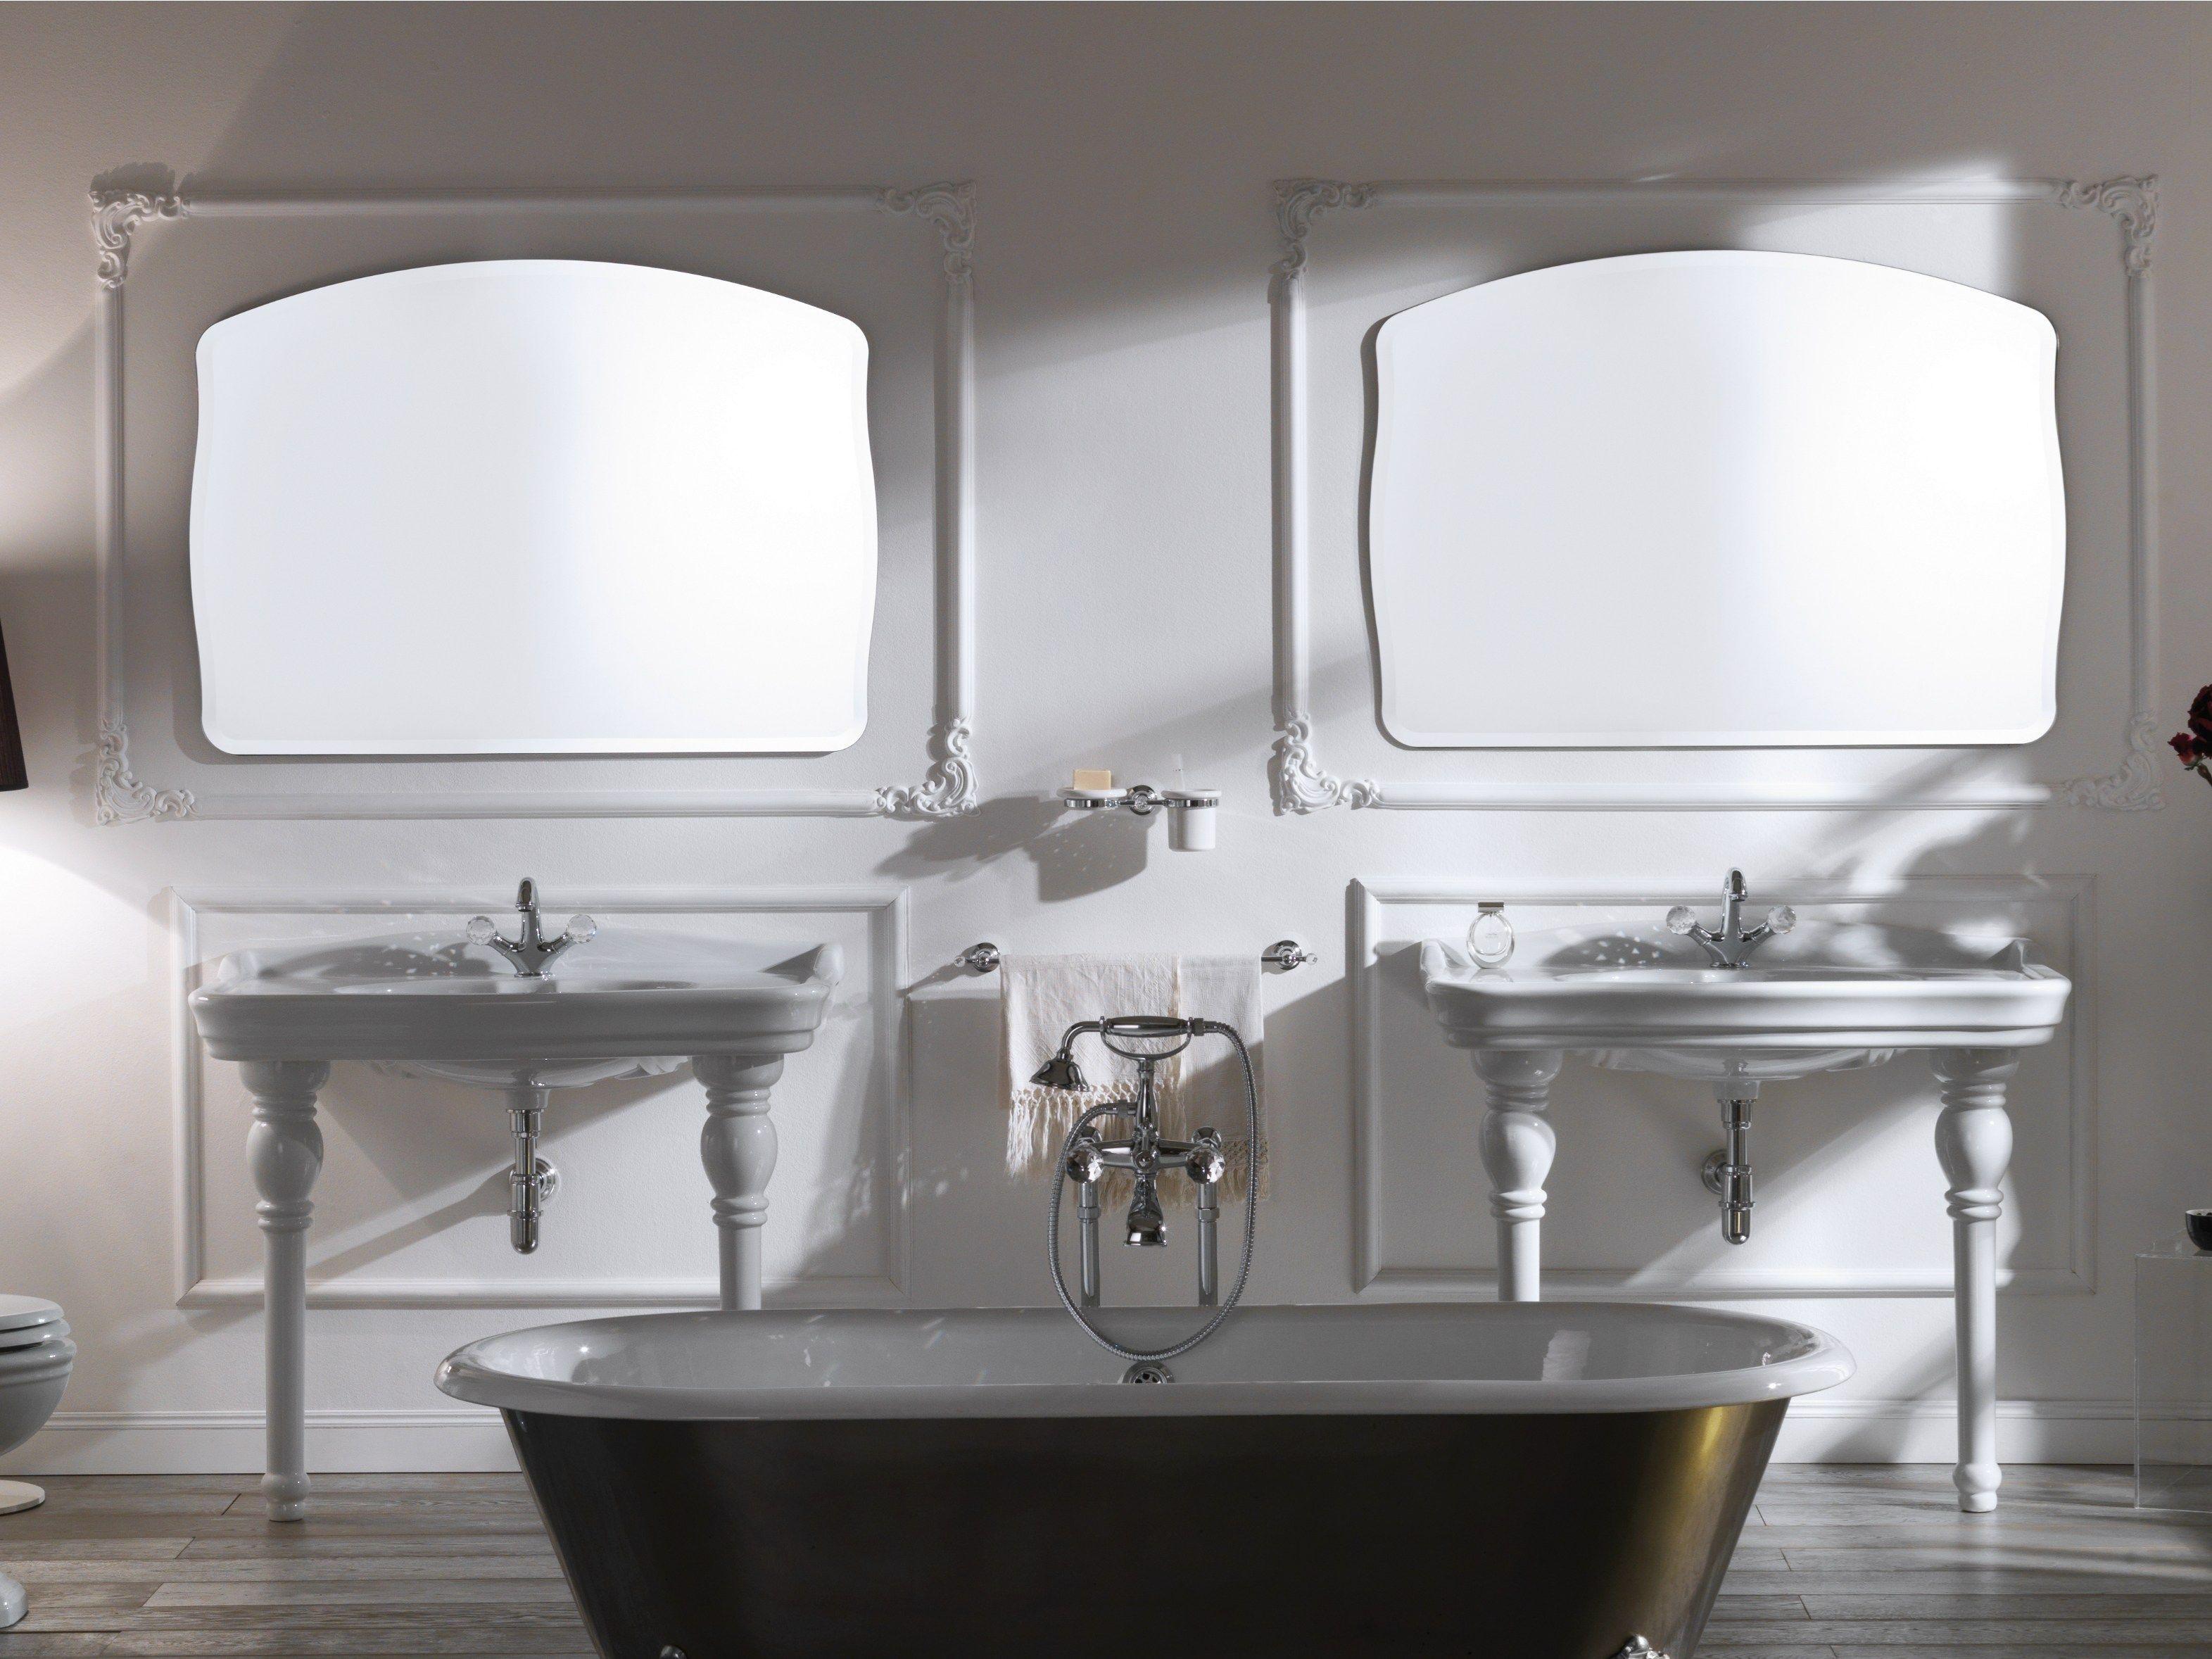 Impero specchio by olympia ceramica design gianluca paludi - Specchi bagno milano ...